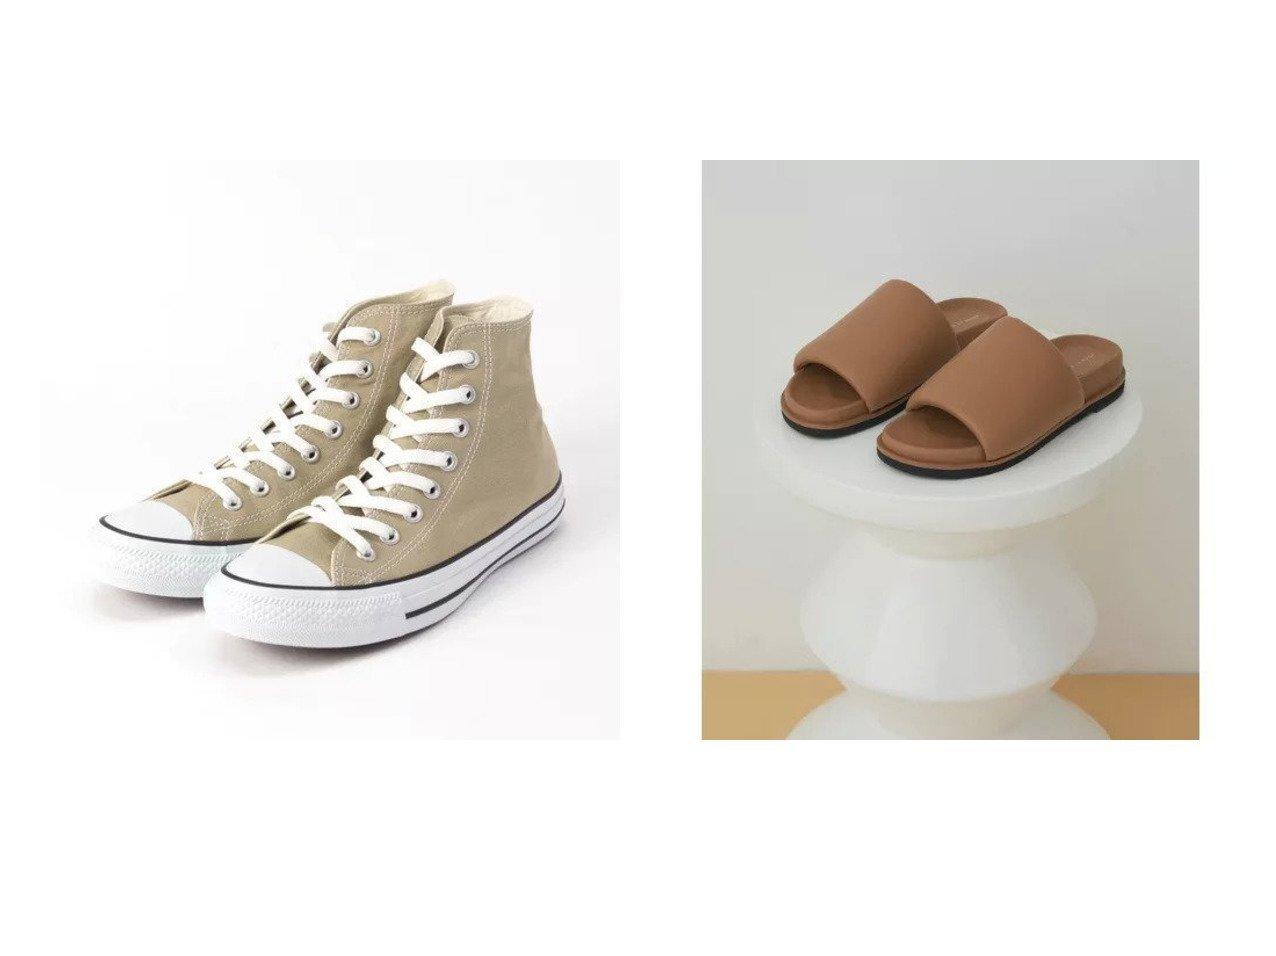 【CONVERSE/コンバース】の【定番】CANVAS ALL STAR COLORS HI&【ADAM ET ROPE'/アダム エ ロペ】のパフィスライダーサンダル 【シューズ・靴】おすすめ!人気、トレンド・レディースファッションの通販 おすすめで人気の流行・トレンド、ファッションの通販商品 メンズファッション・キッズファッション・インテリア・家具・レディースファッション・服の通販 founy(ファニー) https://founy.com/ ファッション Fashion レディースファッション WOMEN キャンバス シューズ スニーカー ベーシック 再入荷 Restock/Back in Stock/Re Arrival 定番 Standard 春 Spring 今季 サンダル スポーツ トレンド リラックス 2021年 2021 S/S・春夏 SS・Spring/Summer 2021春夏・S/S SS/Spring/Summer/2021 おすすめ Recommend |ID:crp329100000035477